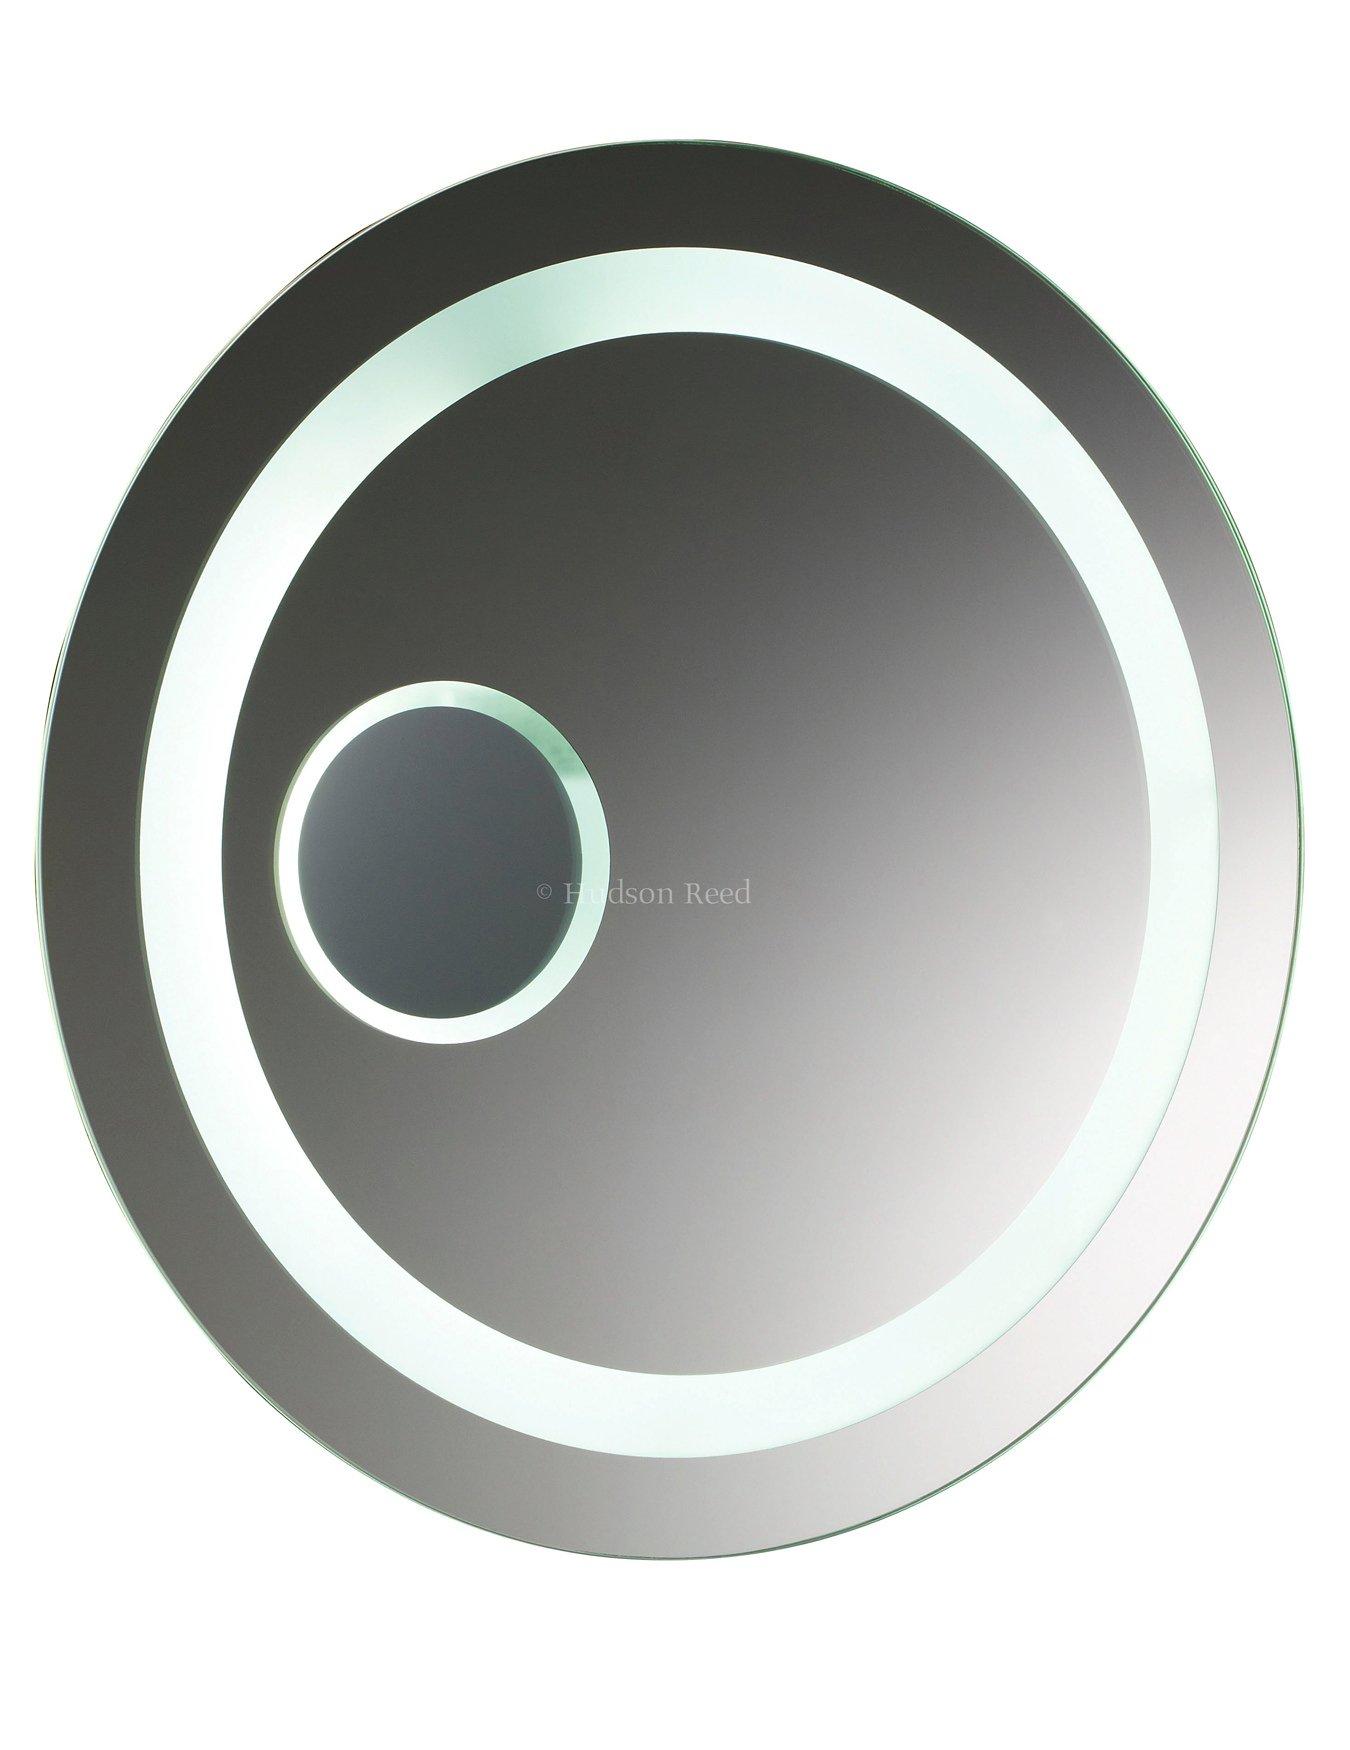 Hudson Reed Oracle 600mm Motion Sensor Backlit And